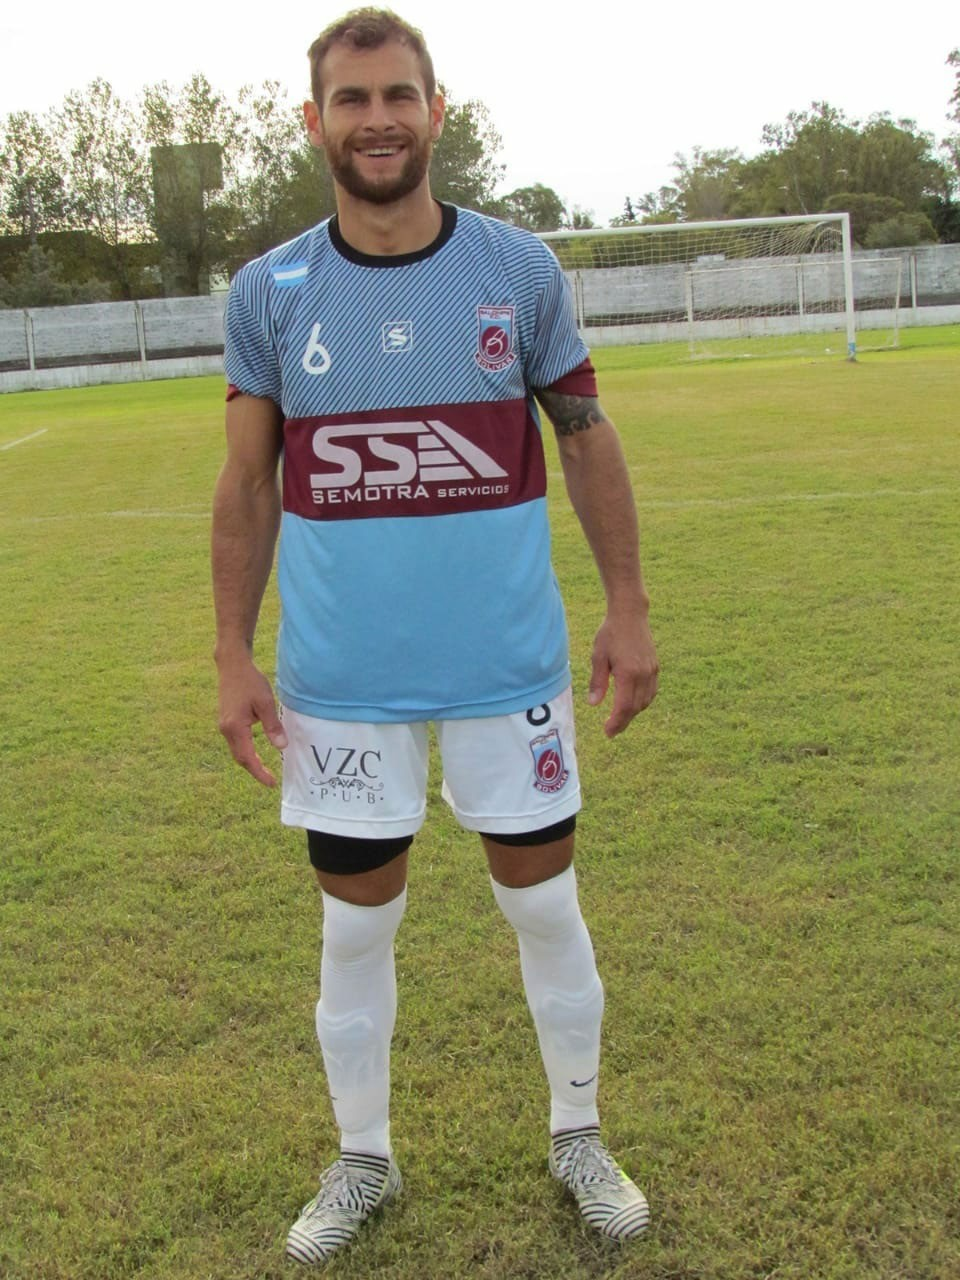 Enzo Klemenco: 'Llegar a la semi sería algo histórico para un equipo que solo tiene 2 años en 1º división'